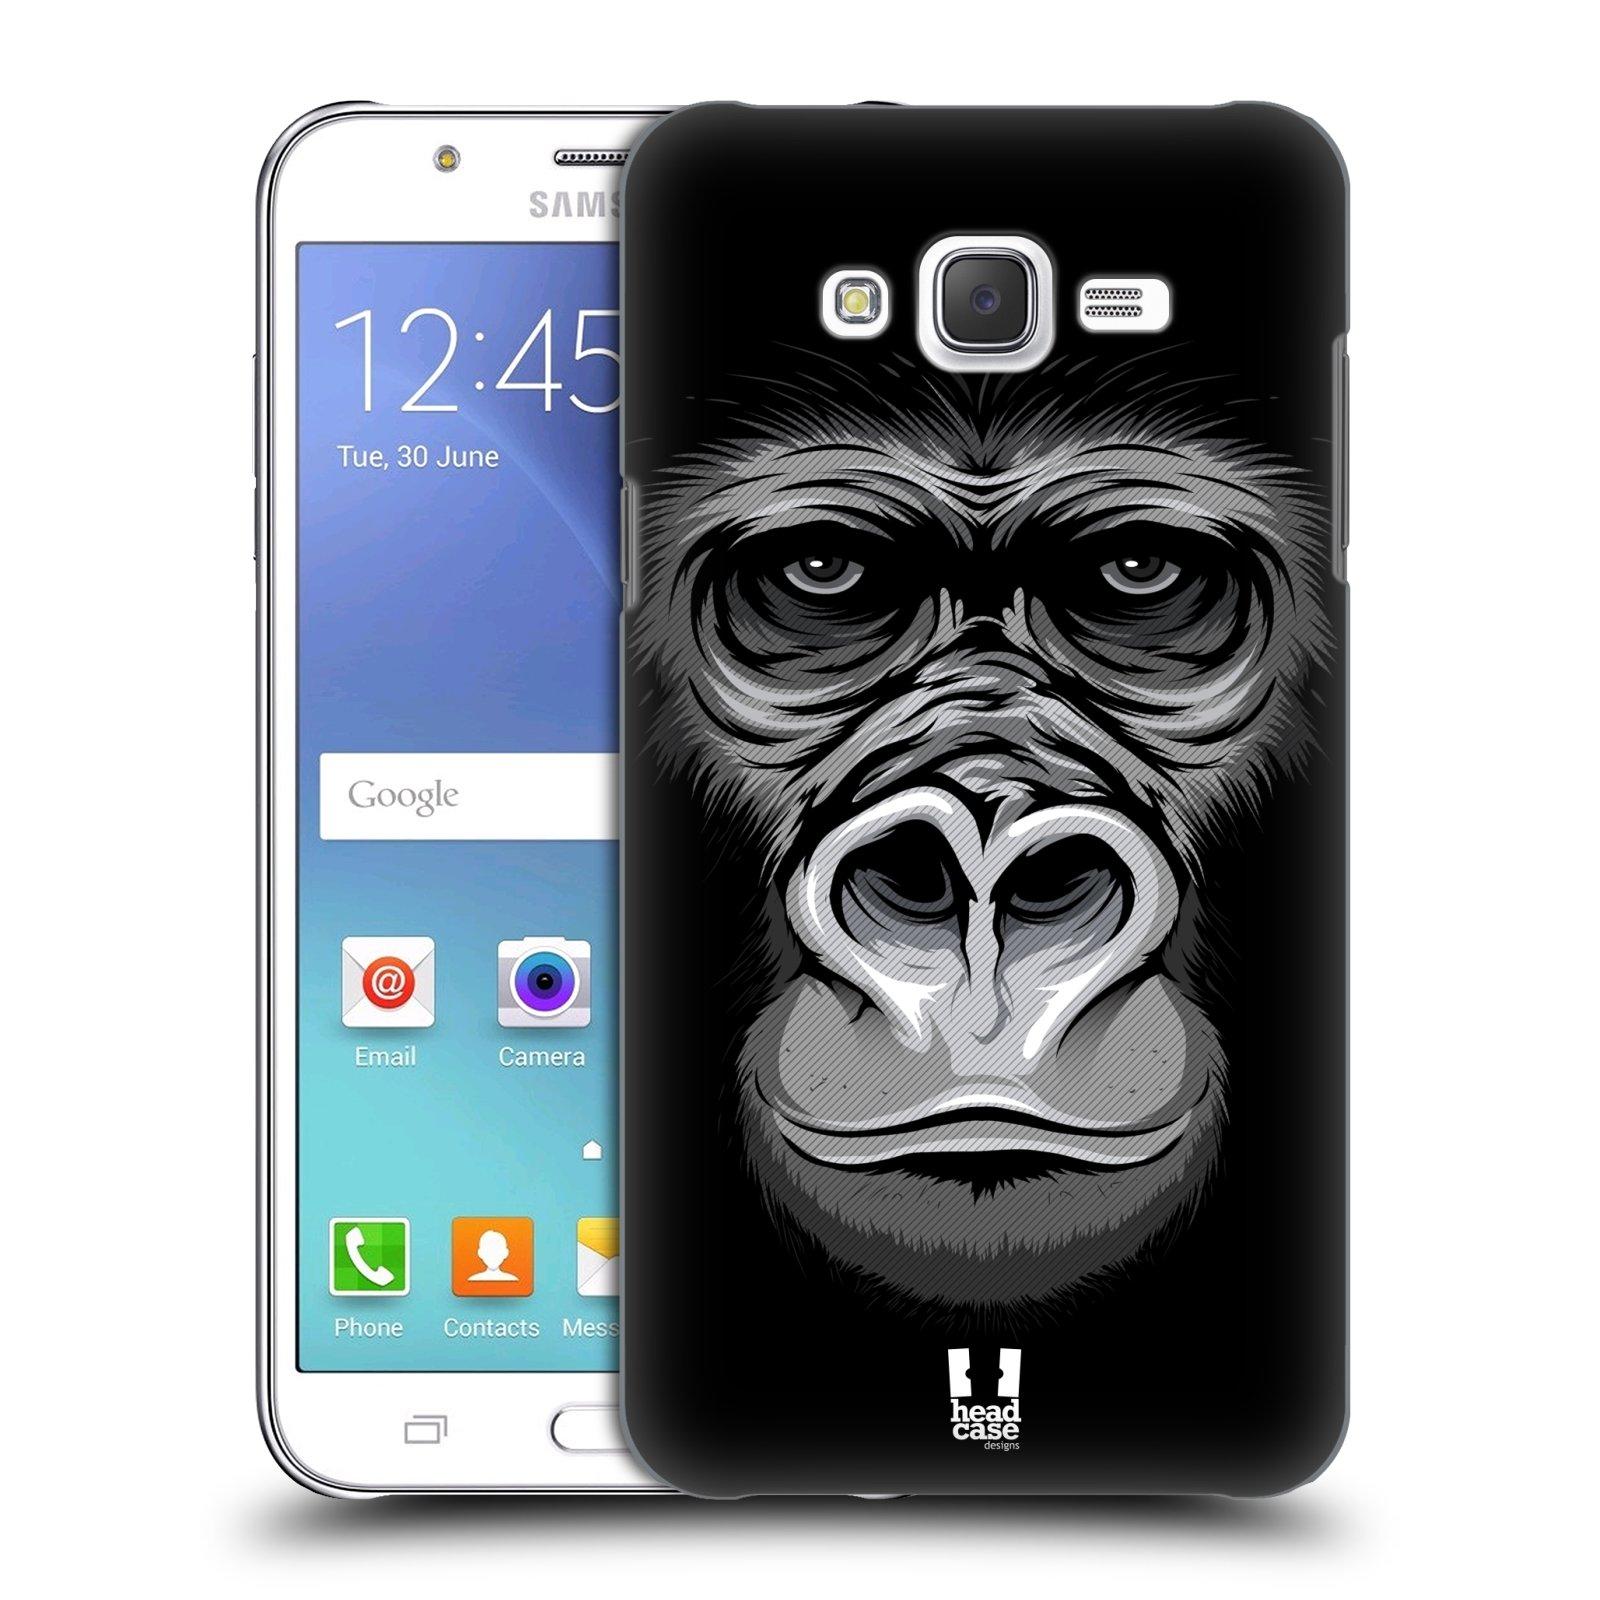 HEAD CASE plastový obal na mobil SAMSUNG Galaxy J7, J700 vzor Zvíře kreslená tvář 2 gorila